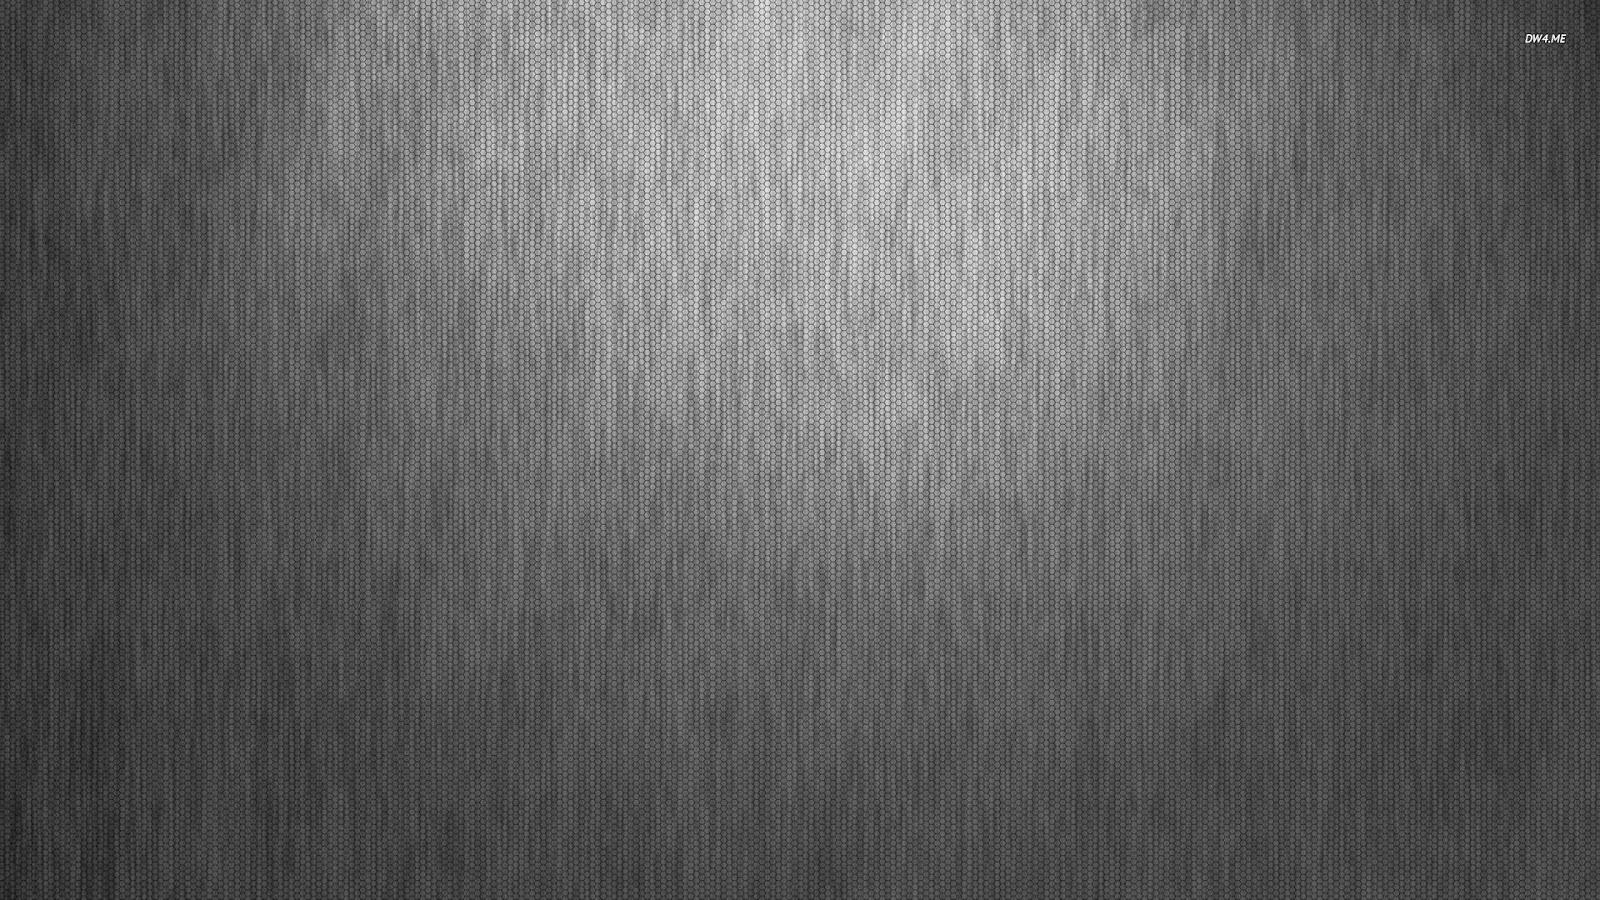 Metallic Desktop Wallpaper - WallpaperSafari